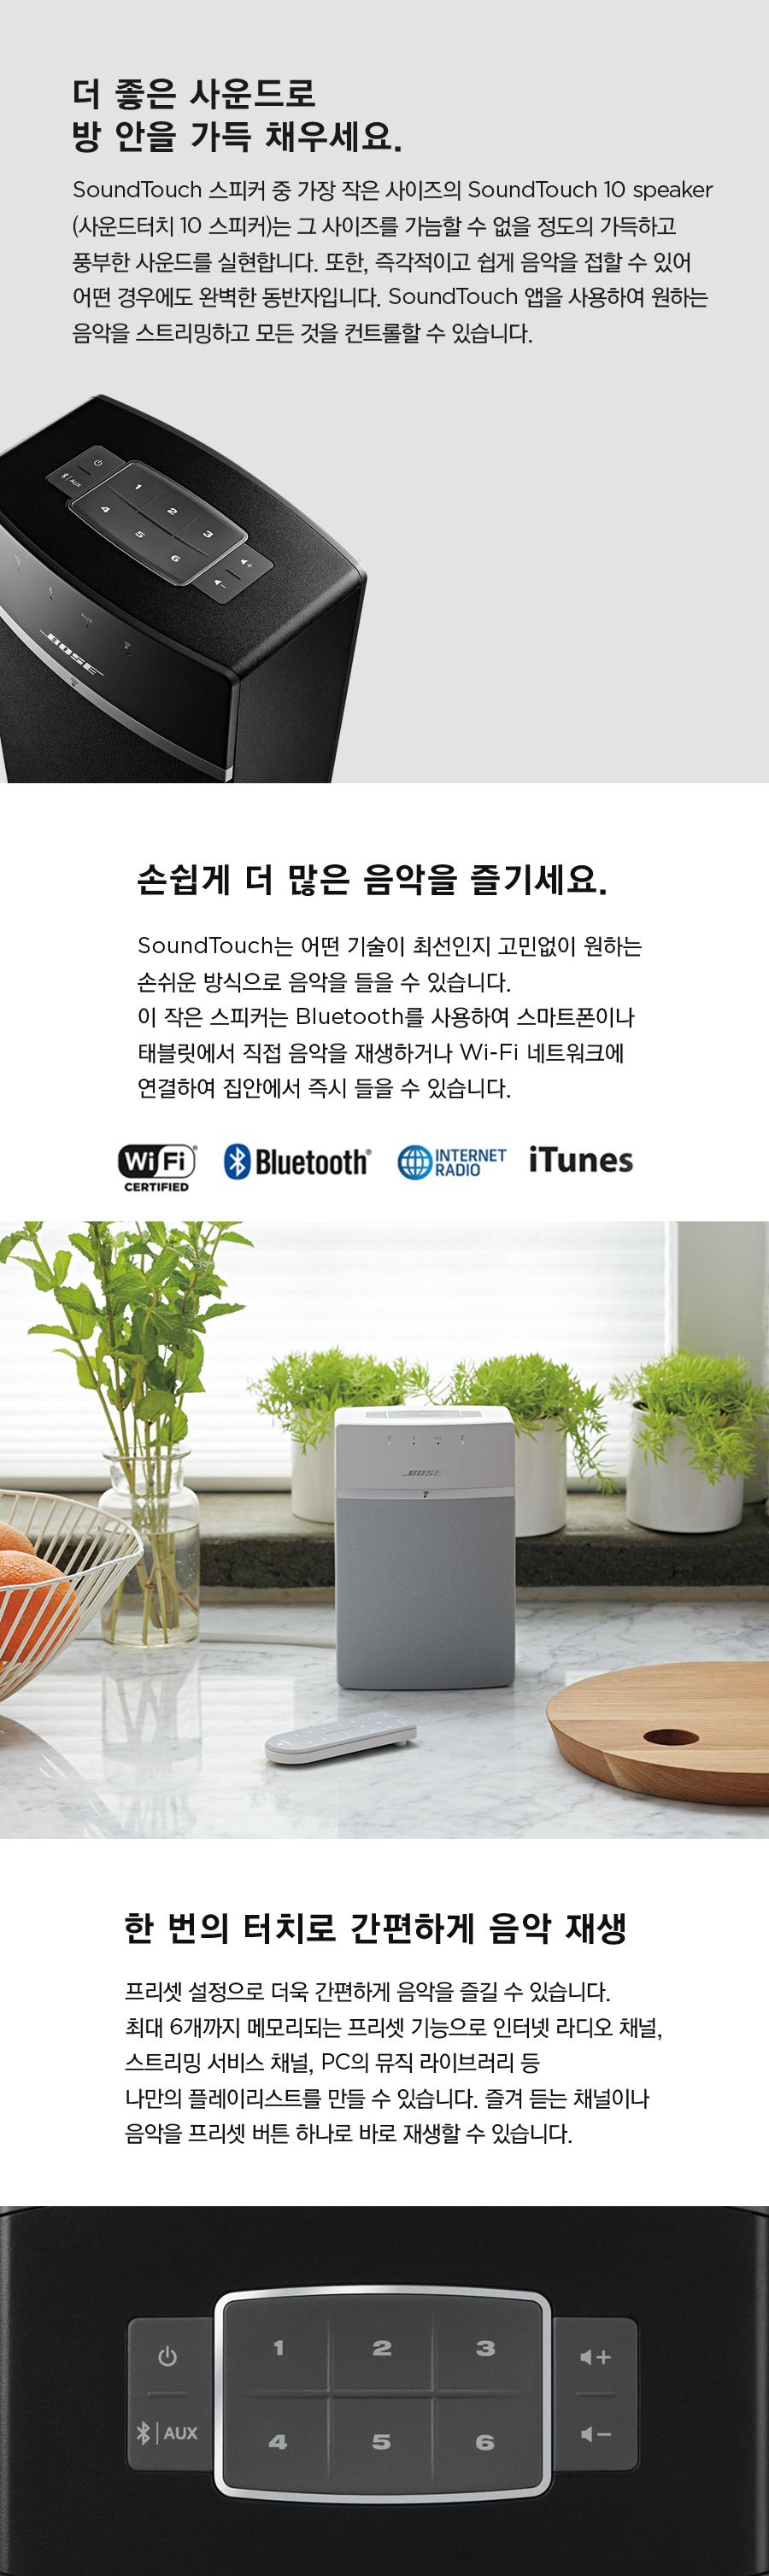 보스(BOSE) SoundTouch 10 블루투스 스피커